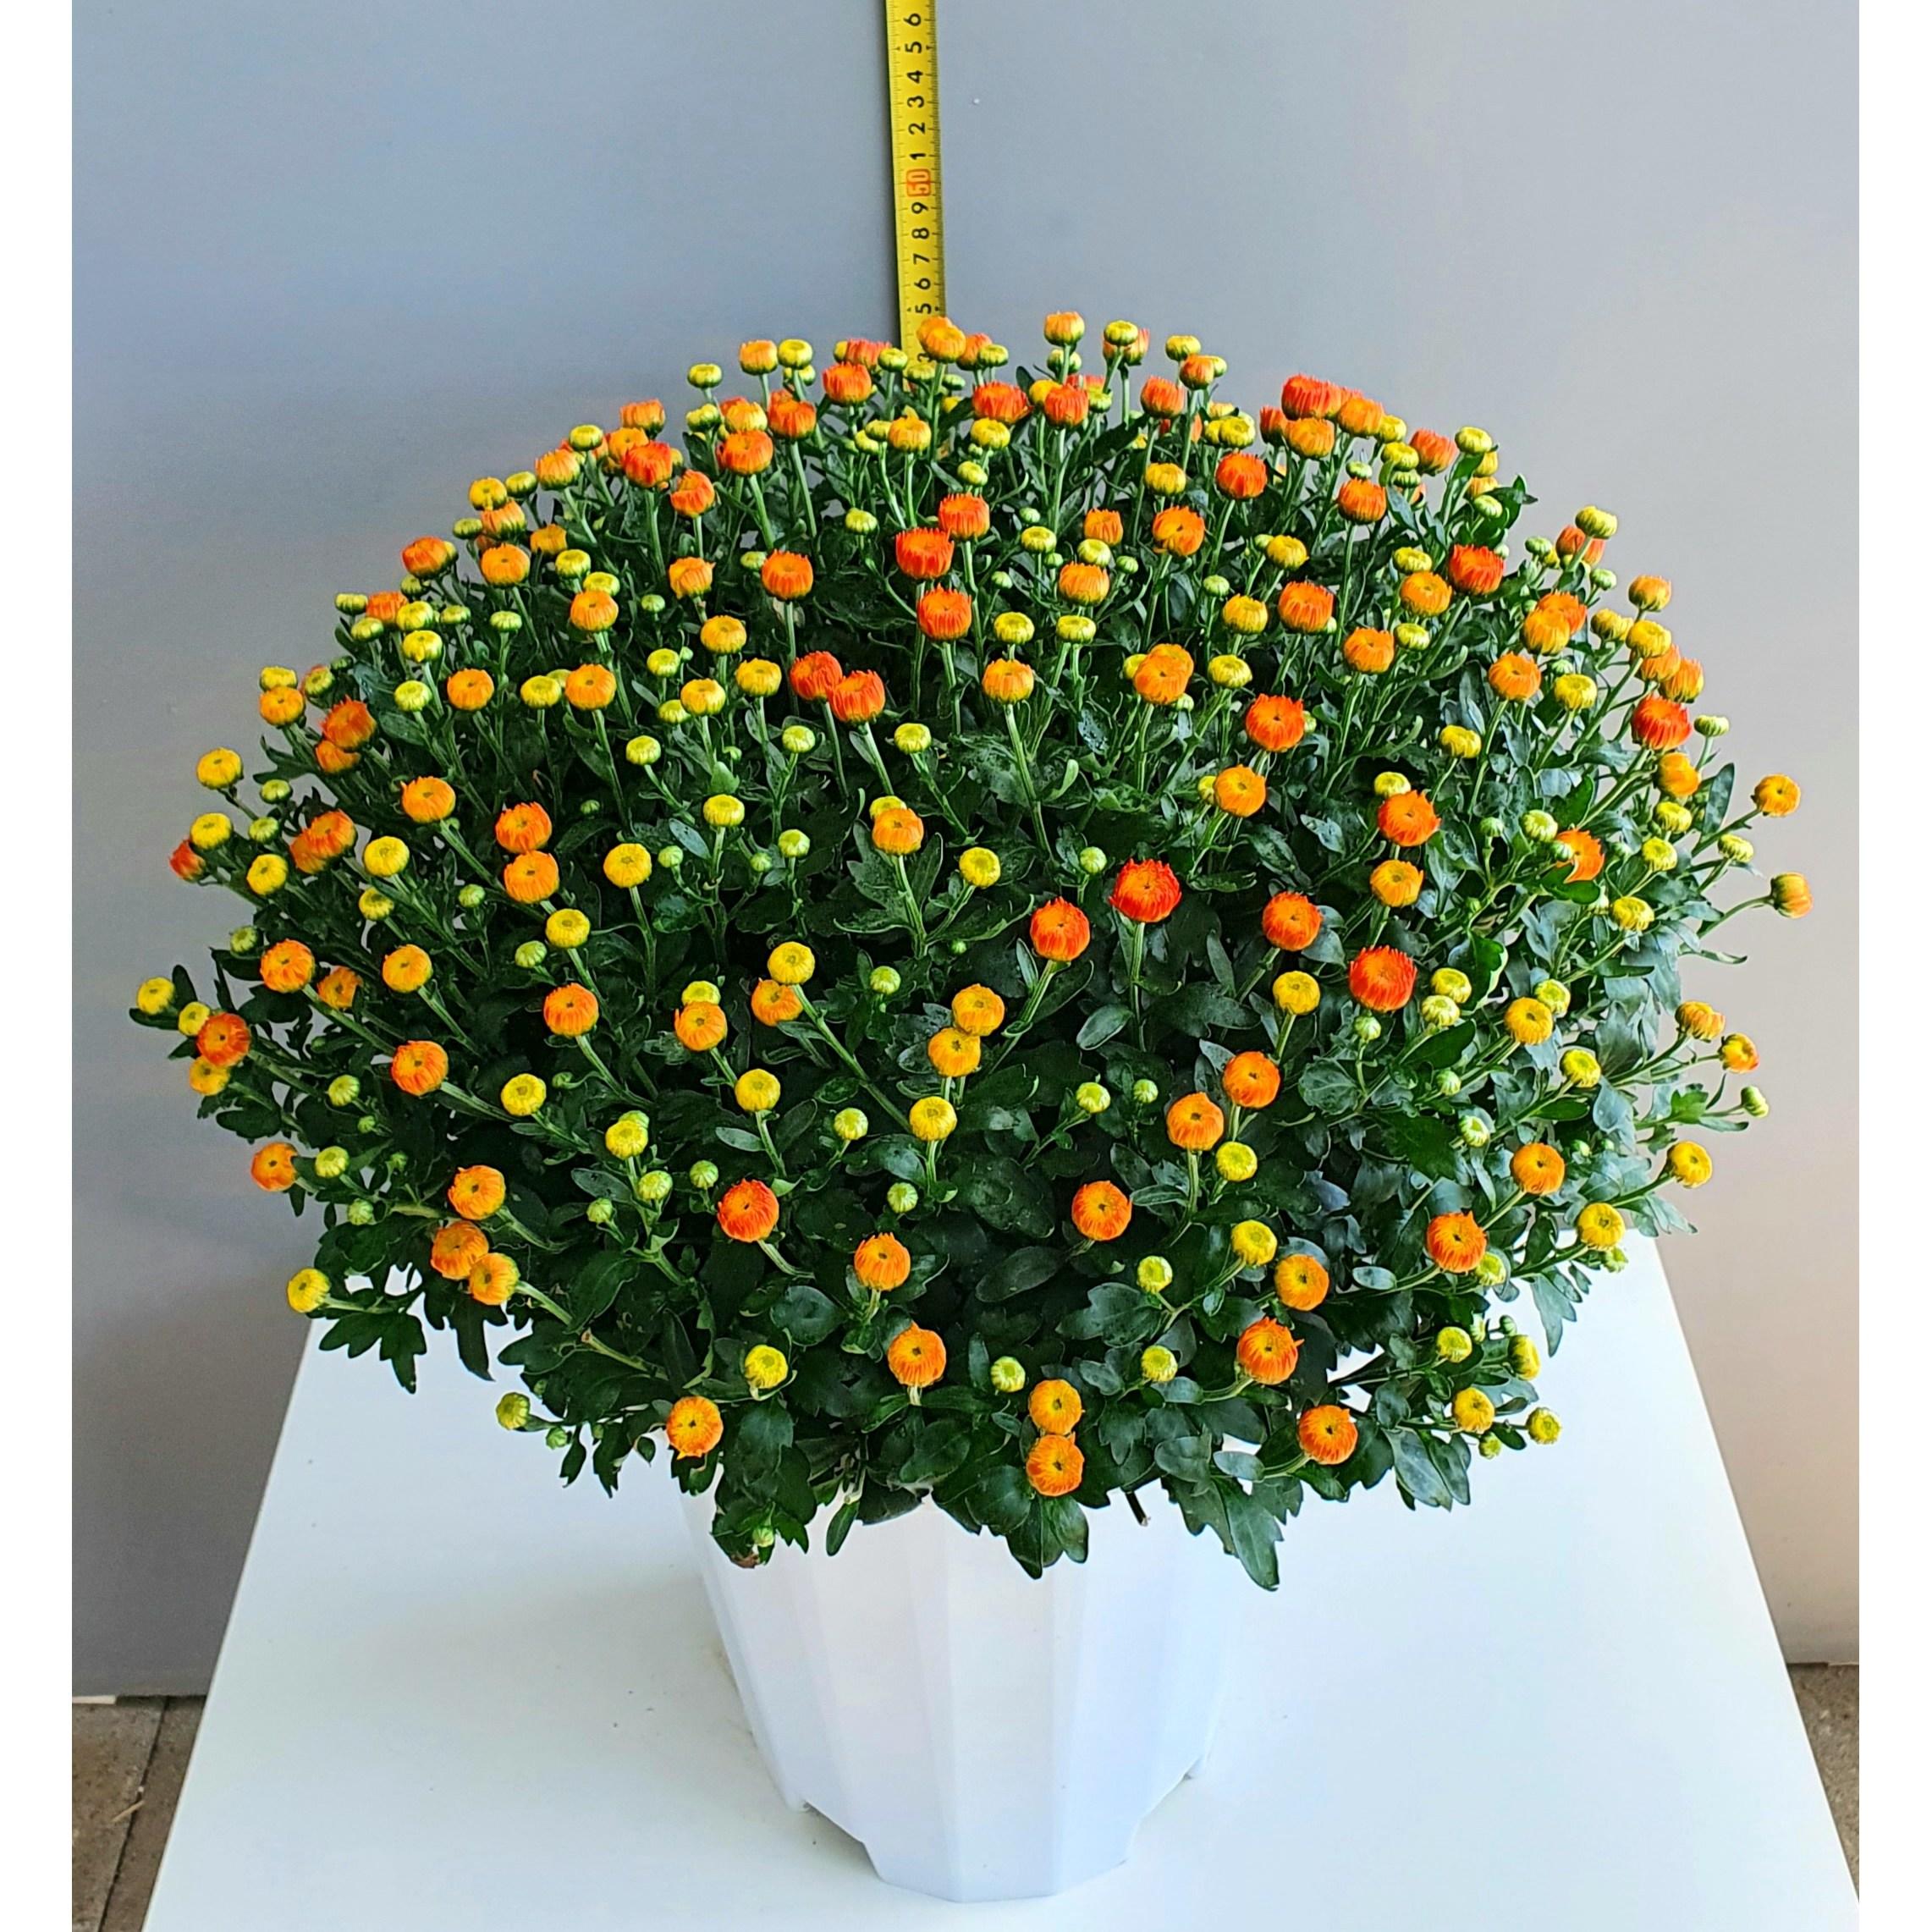 웰림원예 가을꽃국화 오렌지빛노랑 높이 50cm전후